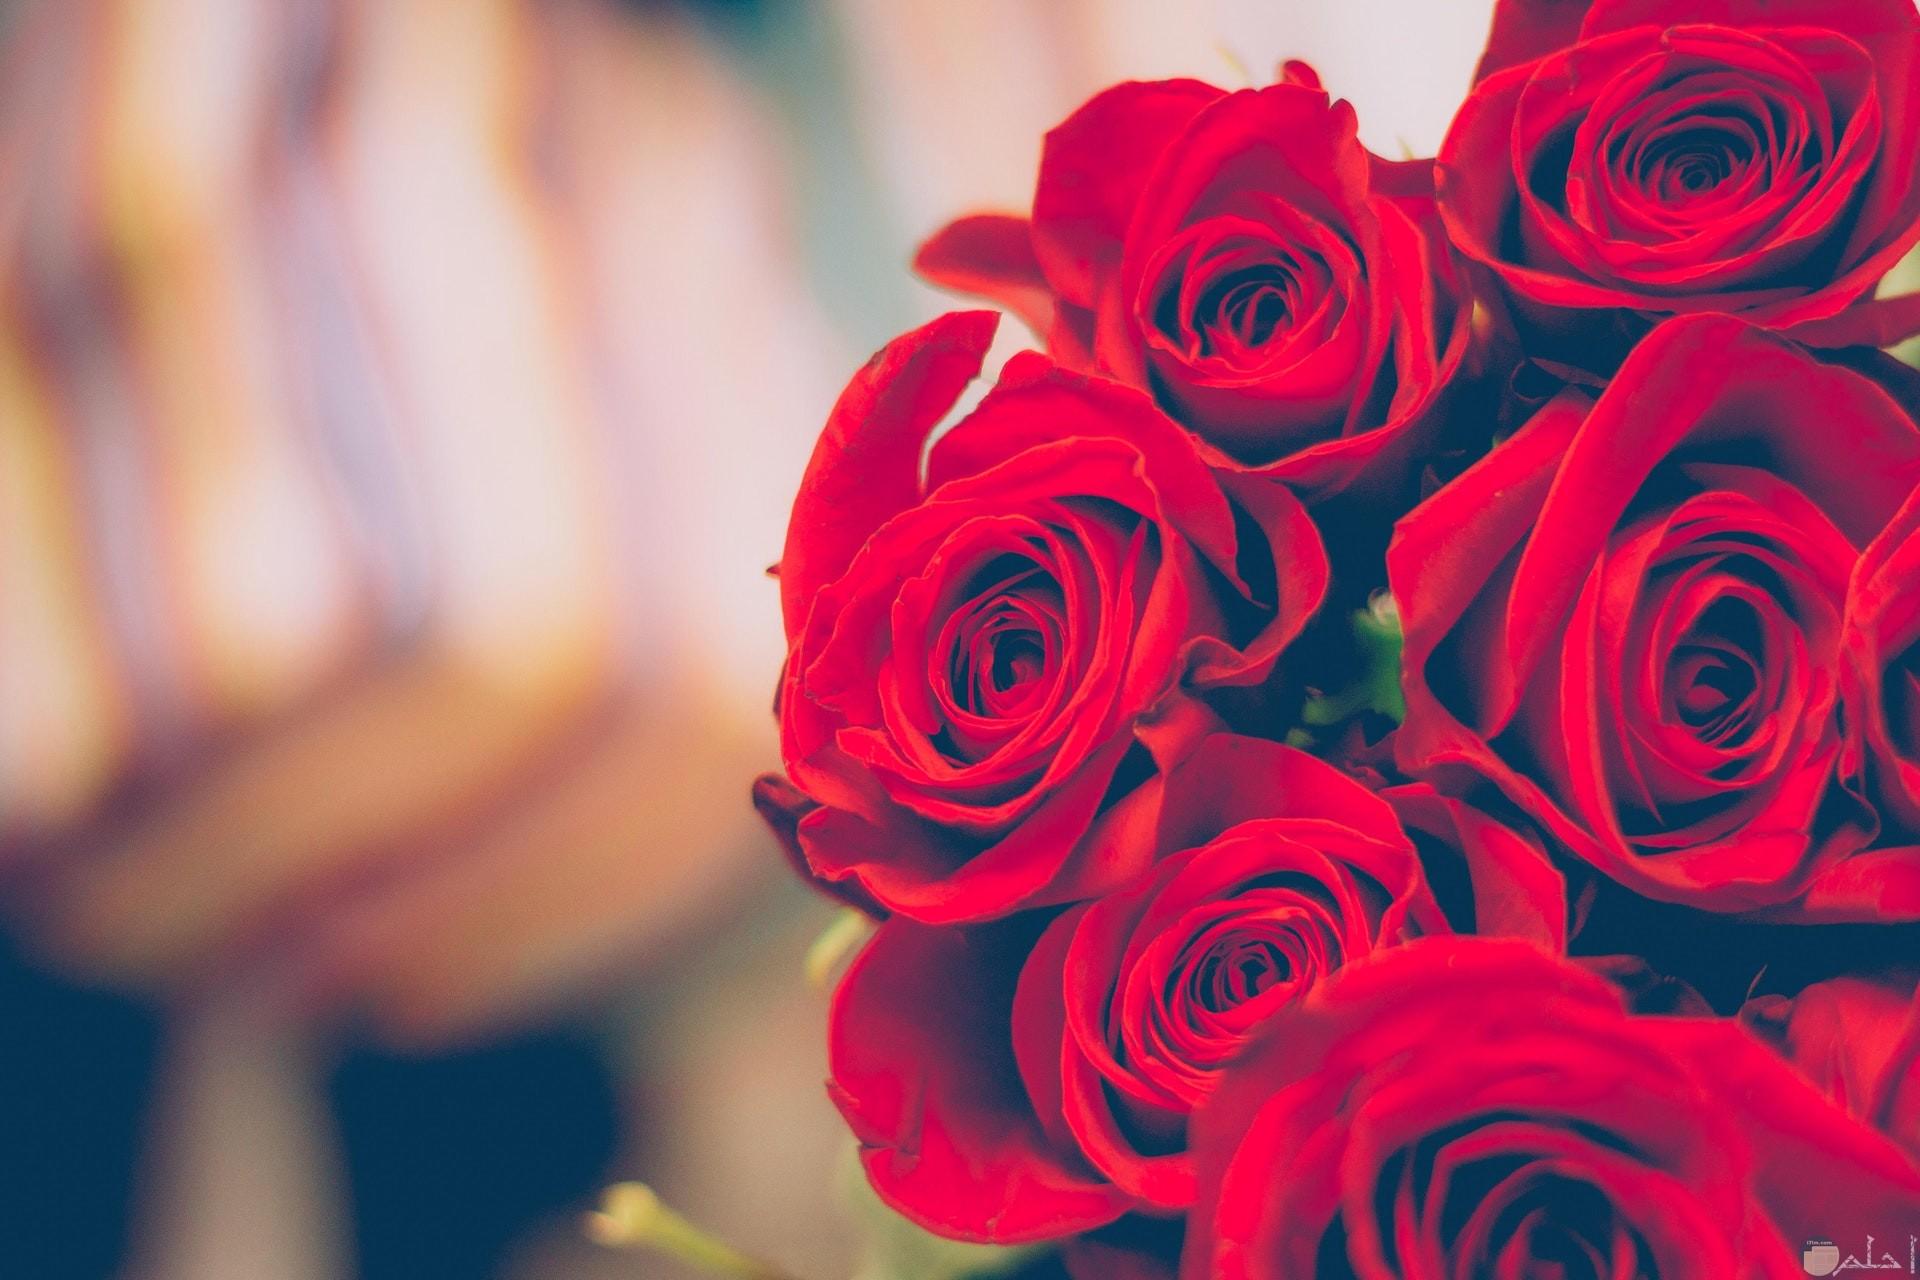 صورة جميلة جدا لباقة ورد أحمر حلوة رومانسية